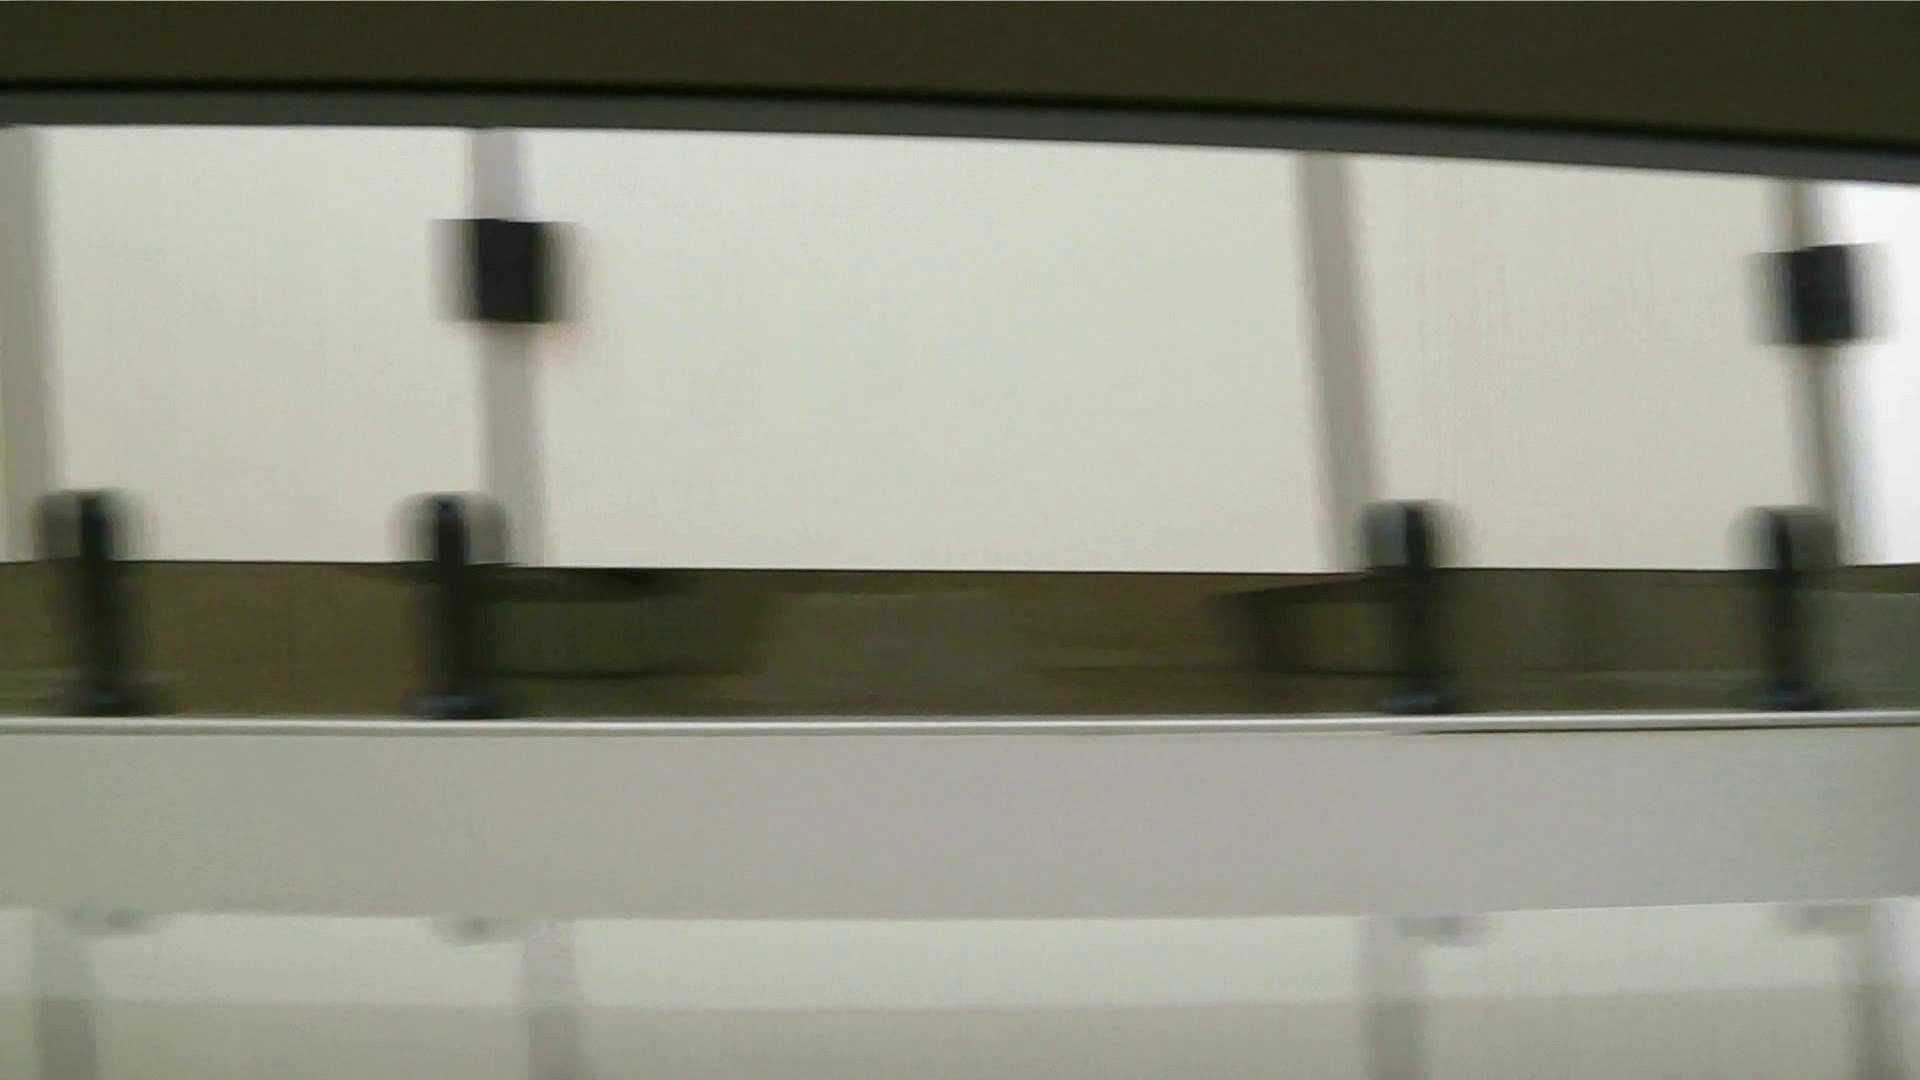 お市さんの「お尻丸出しジャンボリー」No.02 盗撮師作品 SEX無修正画像 74pic 42